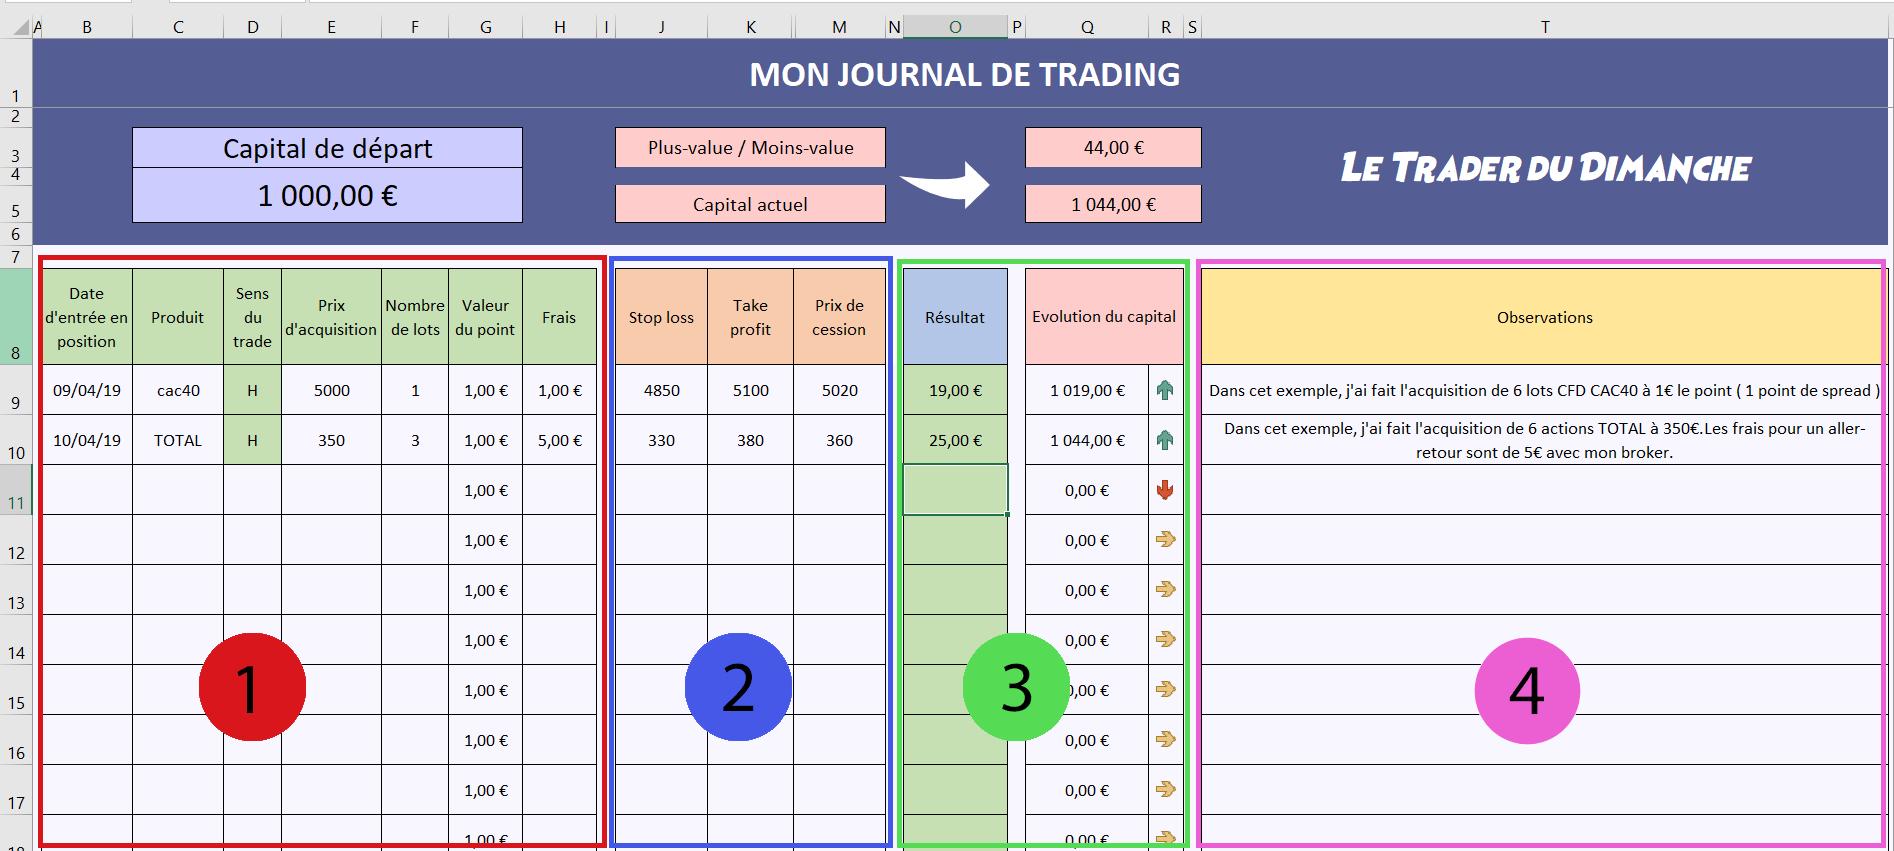 Présentation du journal de trading